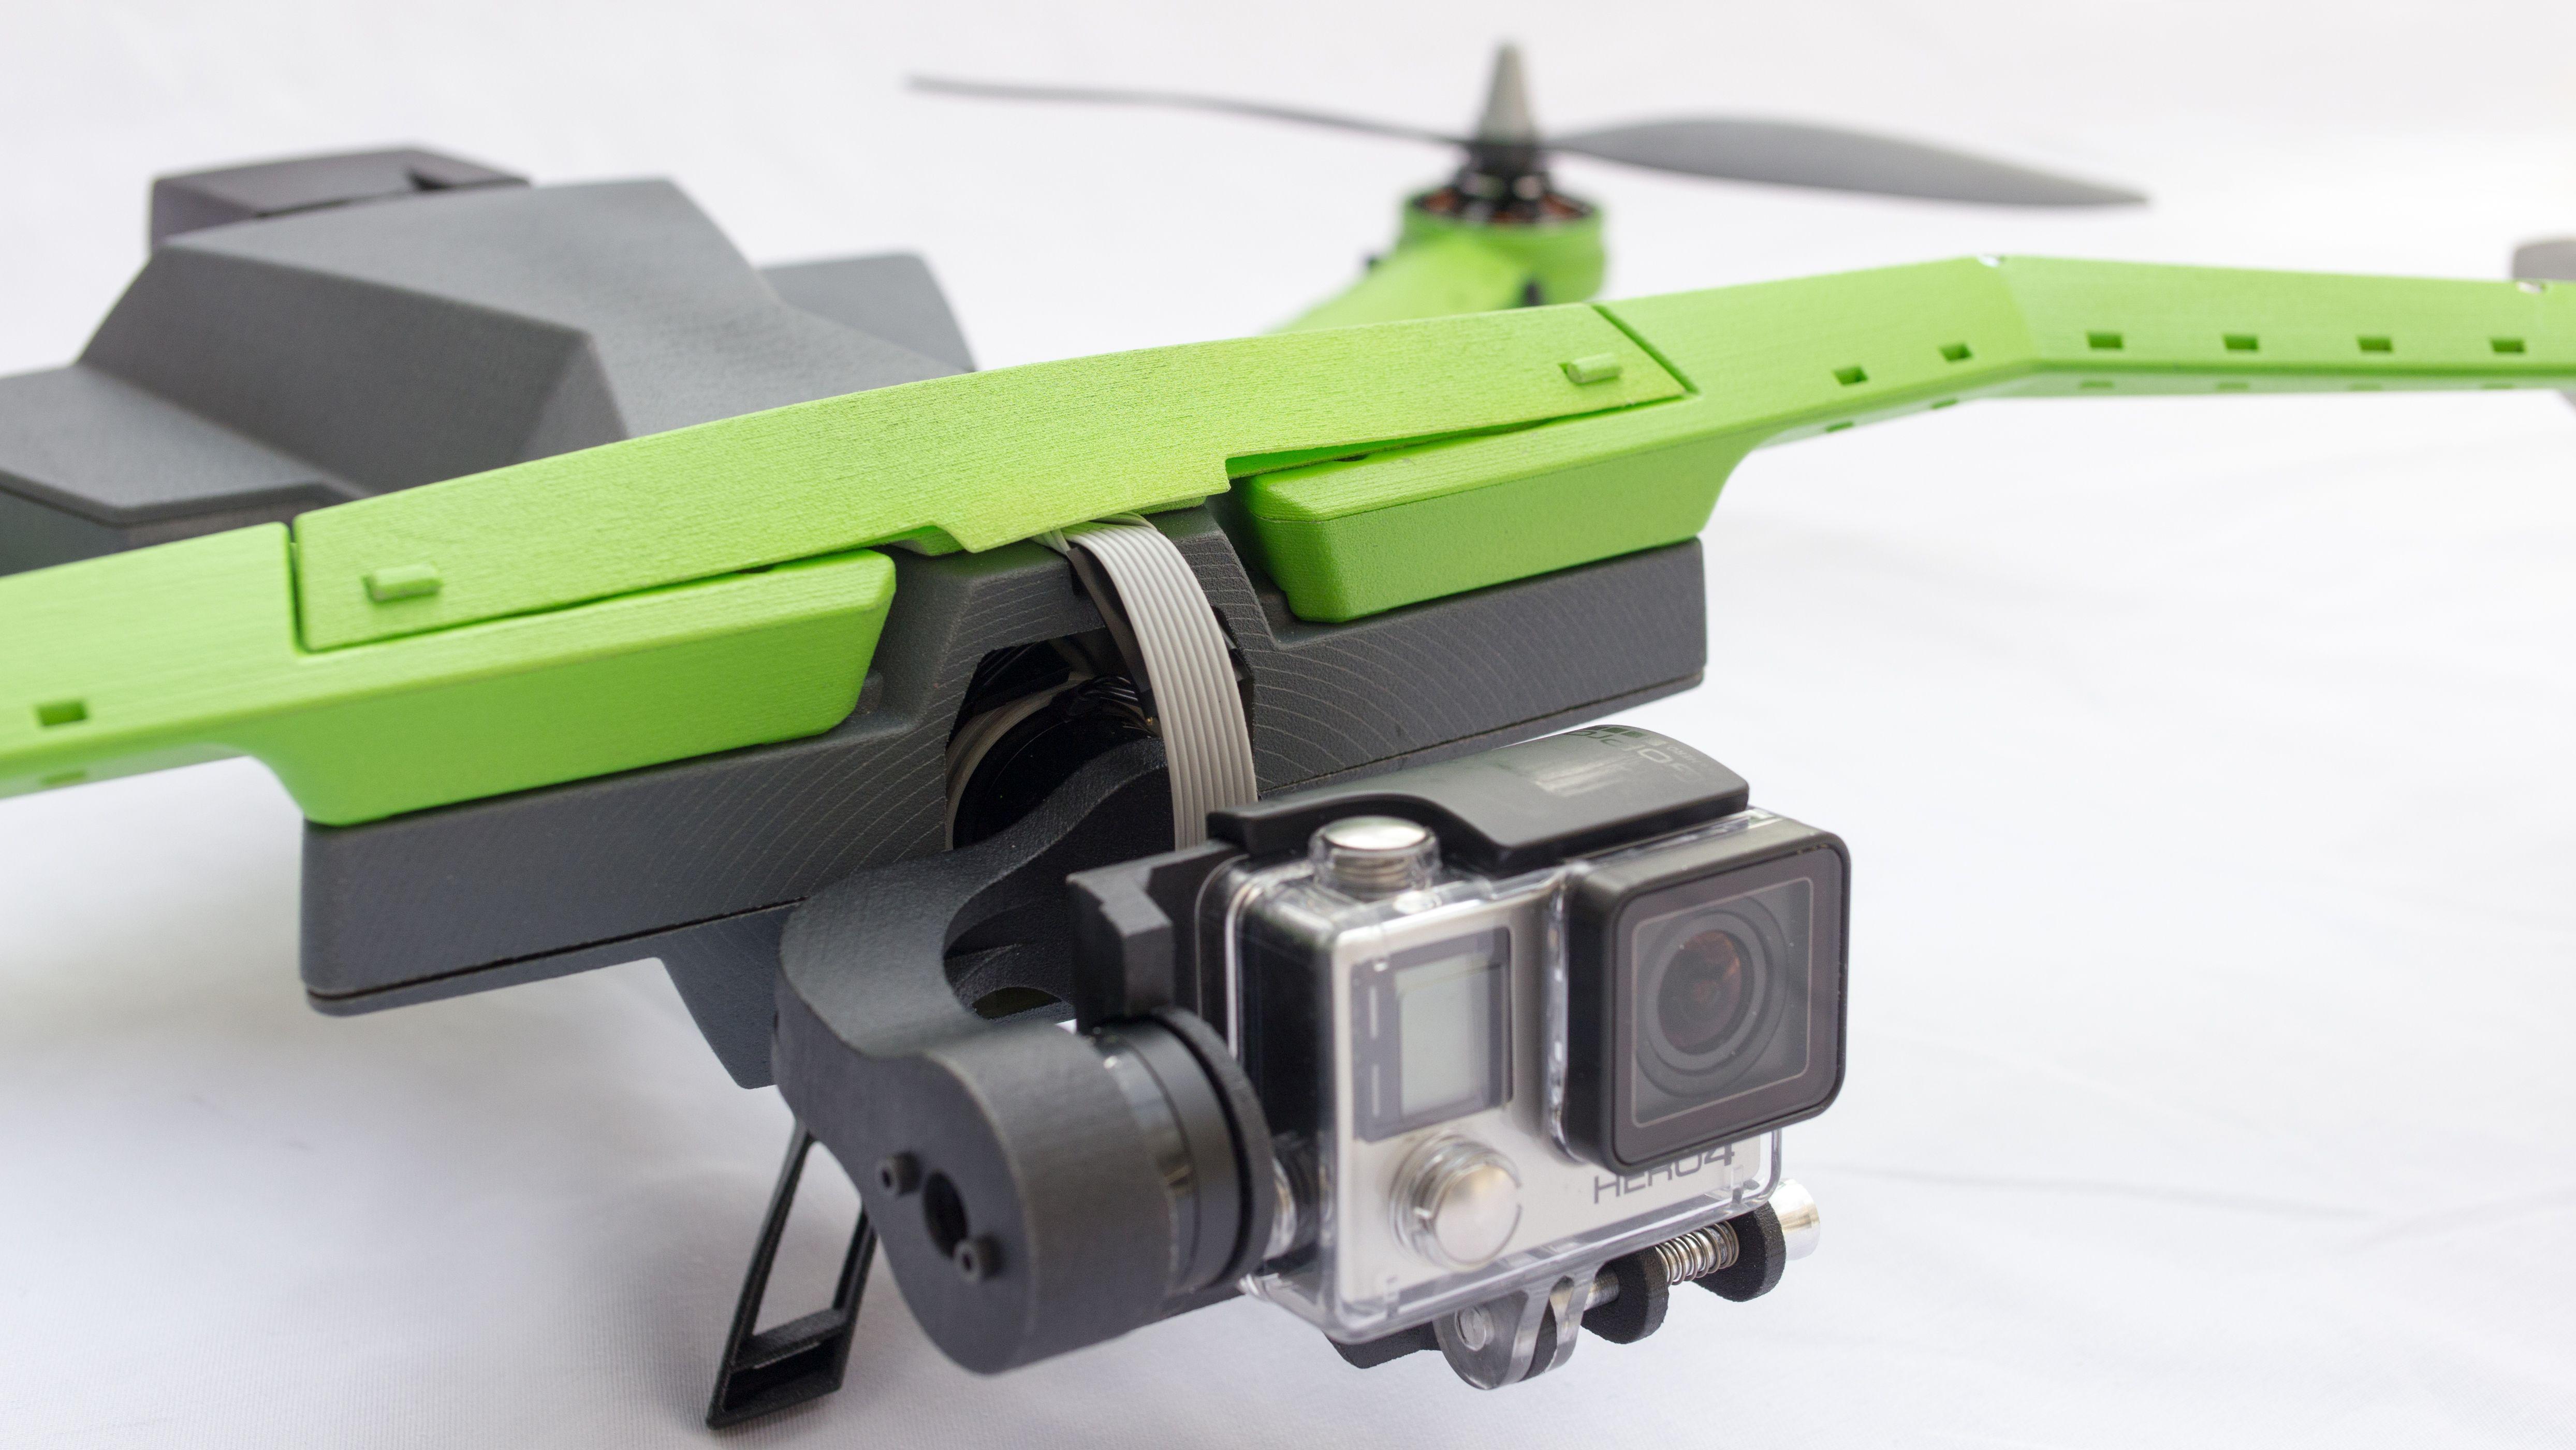 learn more Drone design, Drone